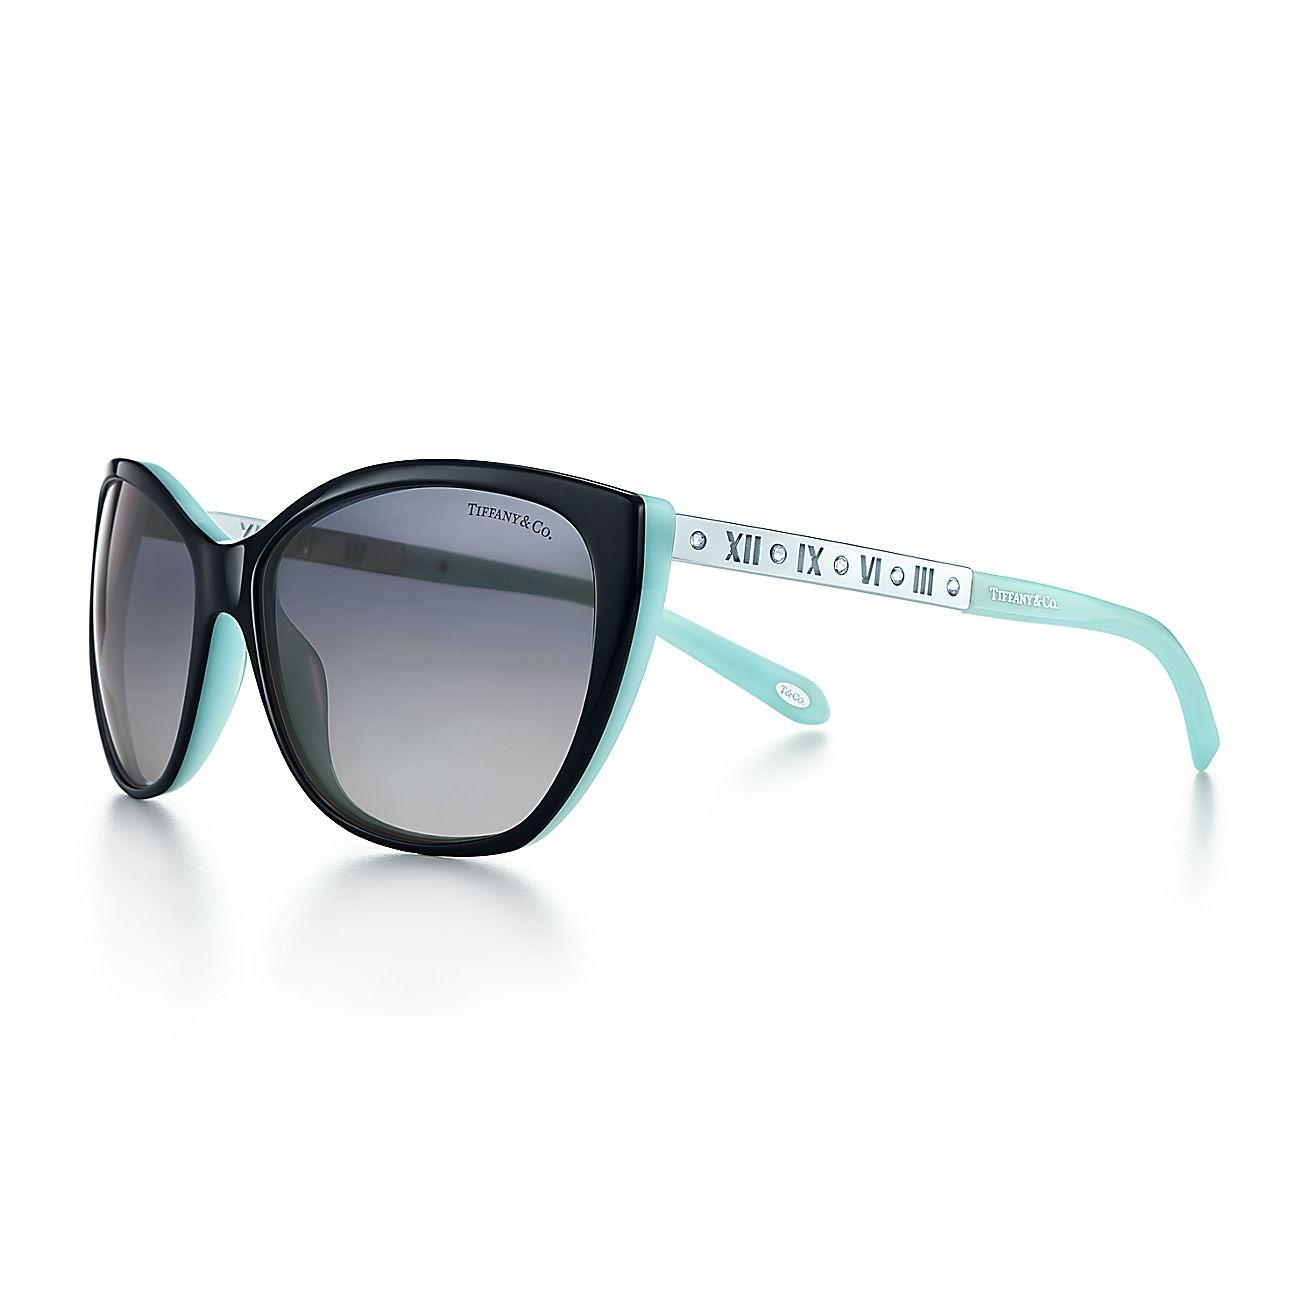 e73537ddc12c Tiffany Metal Cat Eye Sunglasses